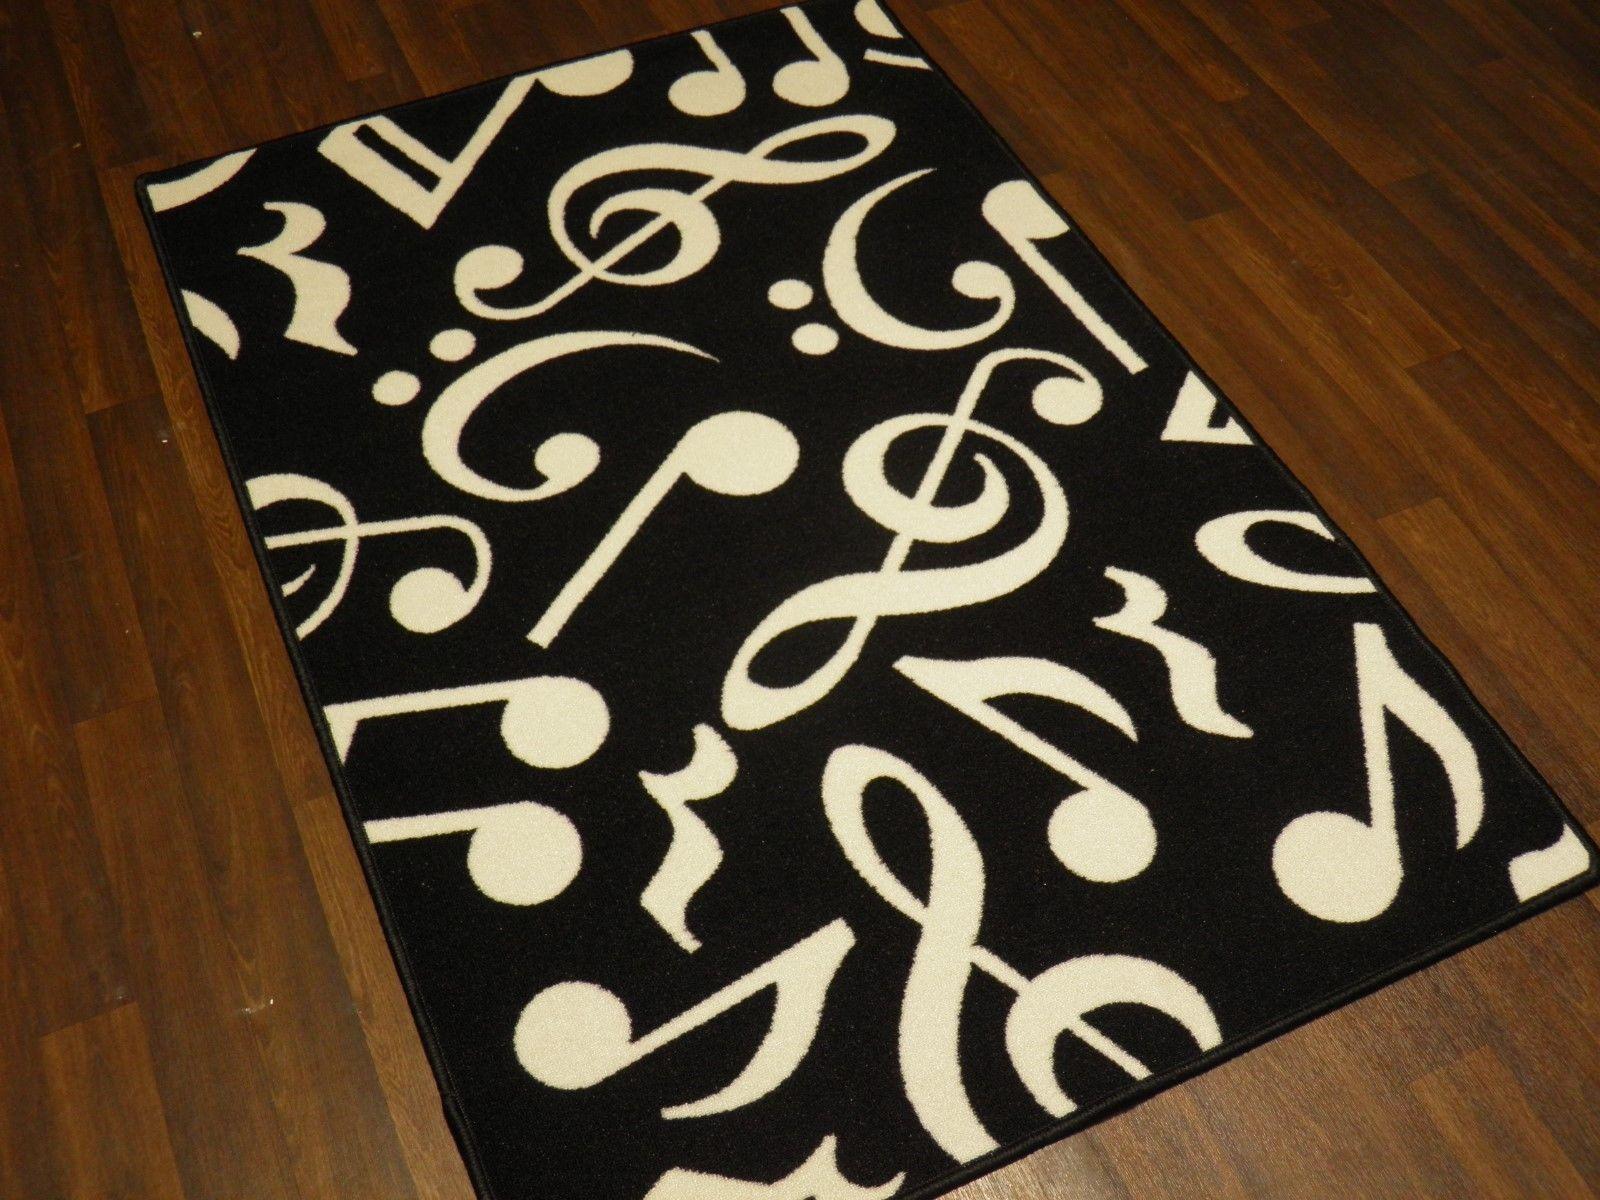 Music Note Black White Non Slip New Mats Rugs School Home 100cmx150cm Bargains Ebay